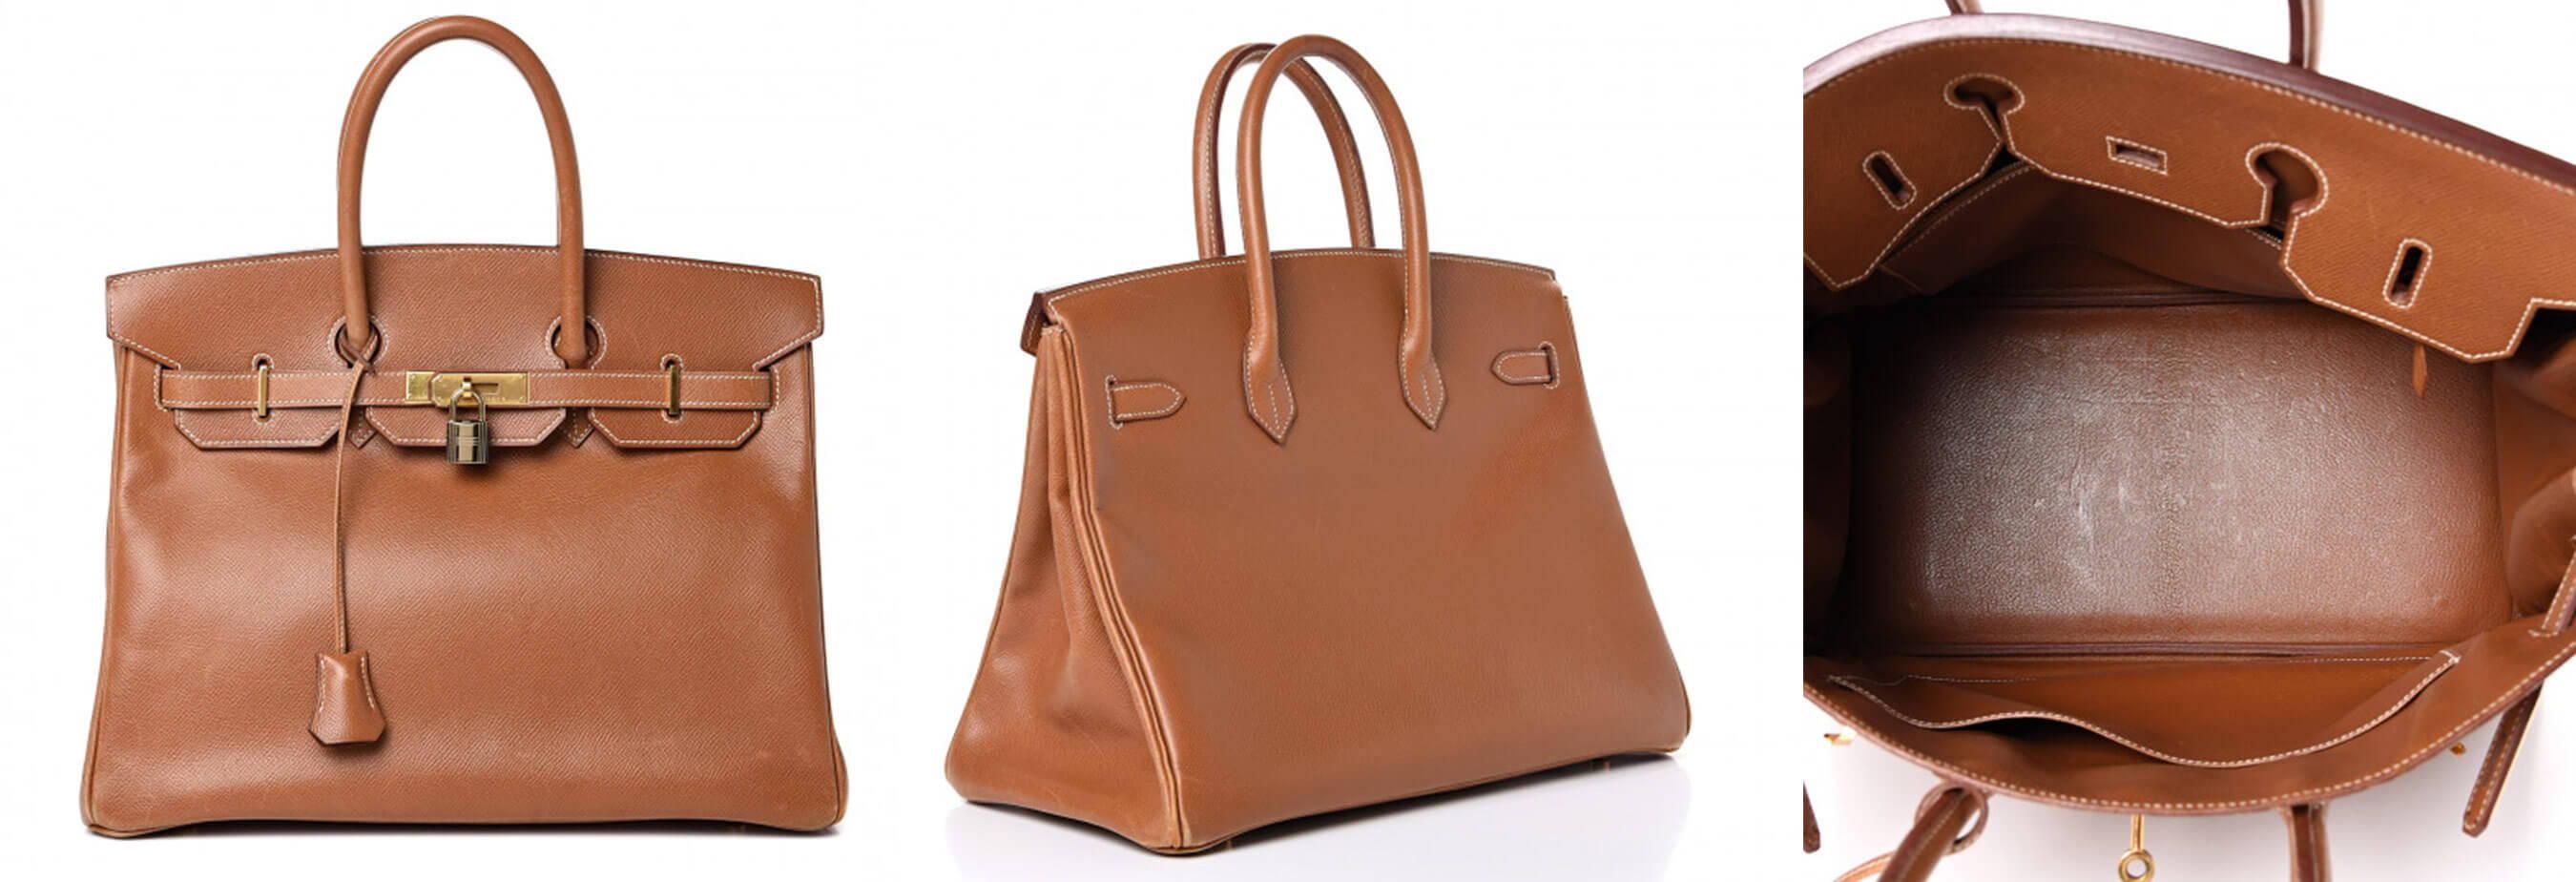 Hermes Birkin bag in Brown color